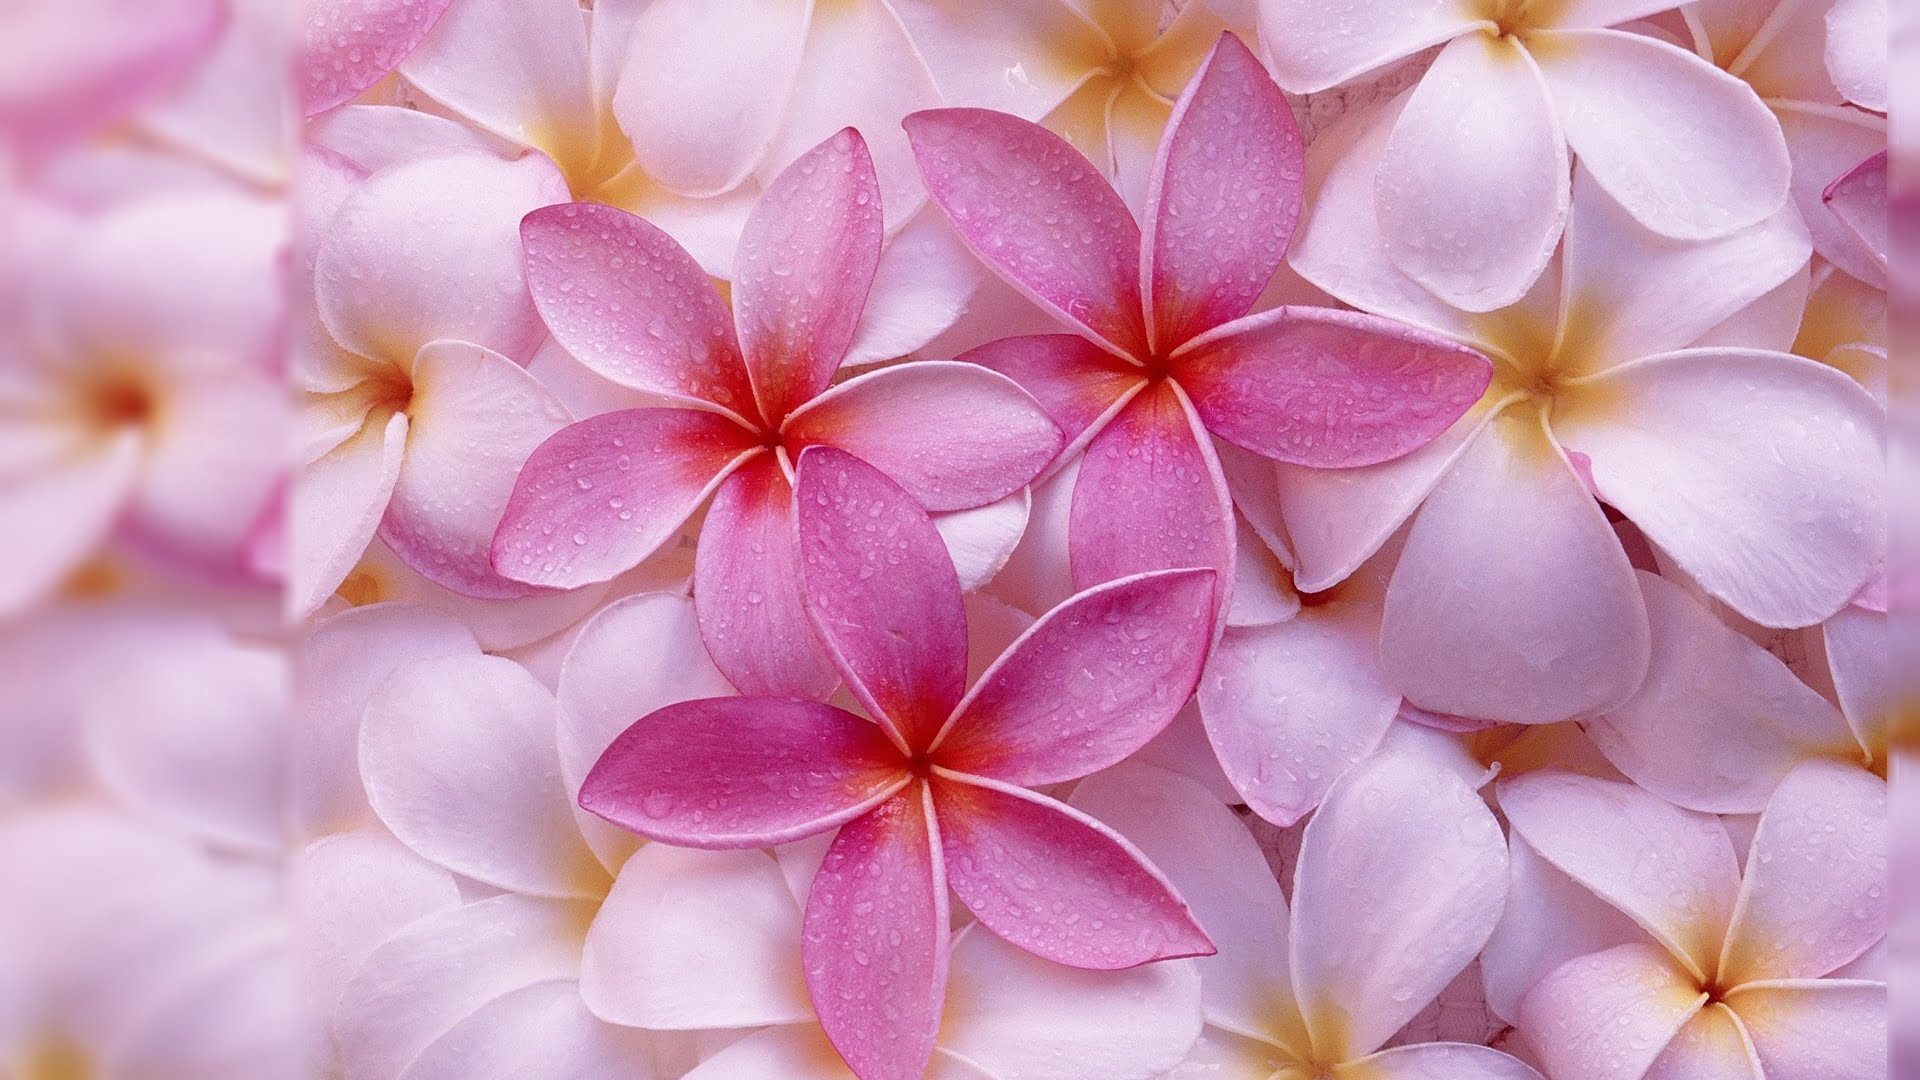 hình nền hoa sứ